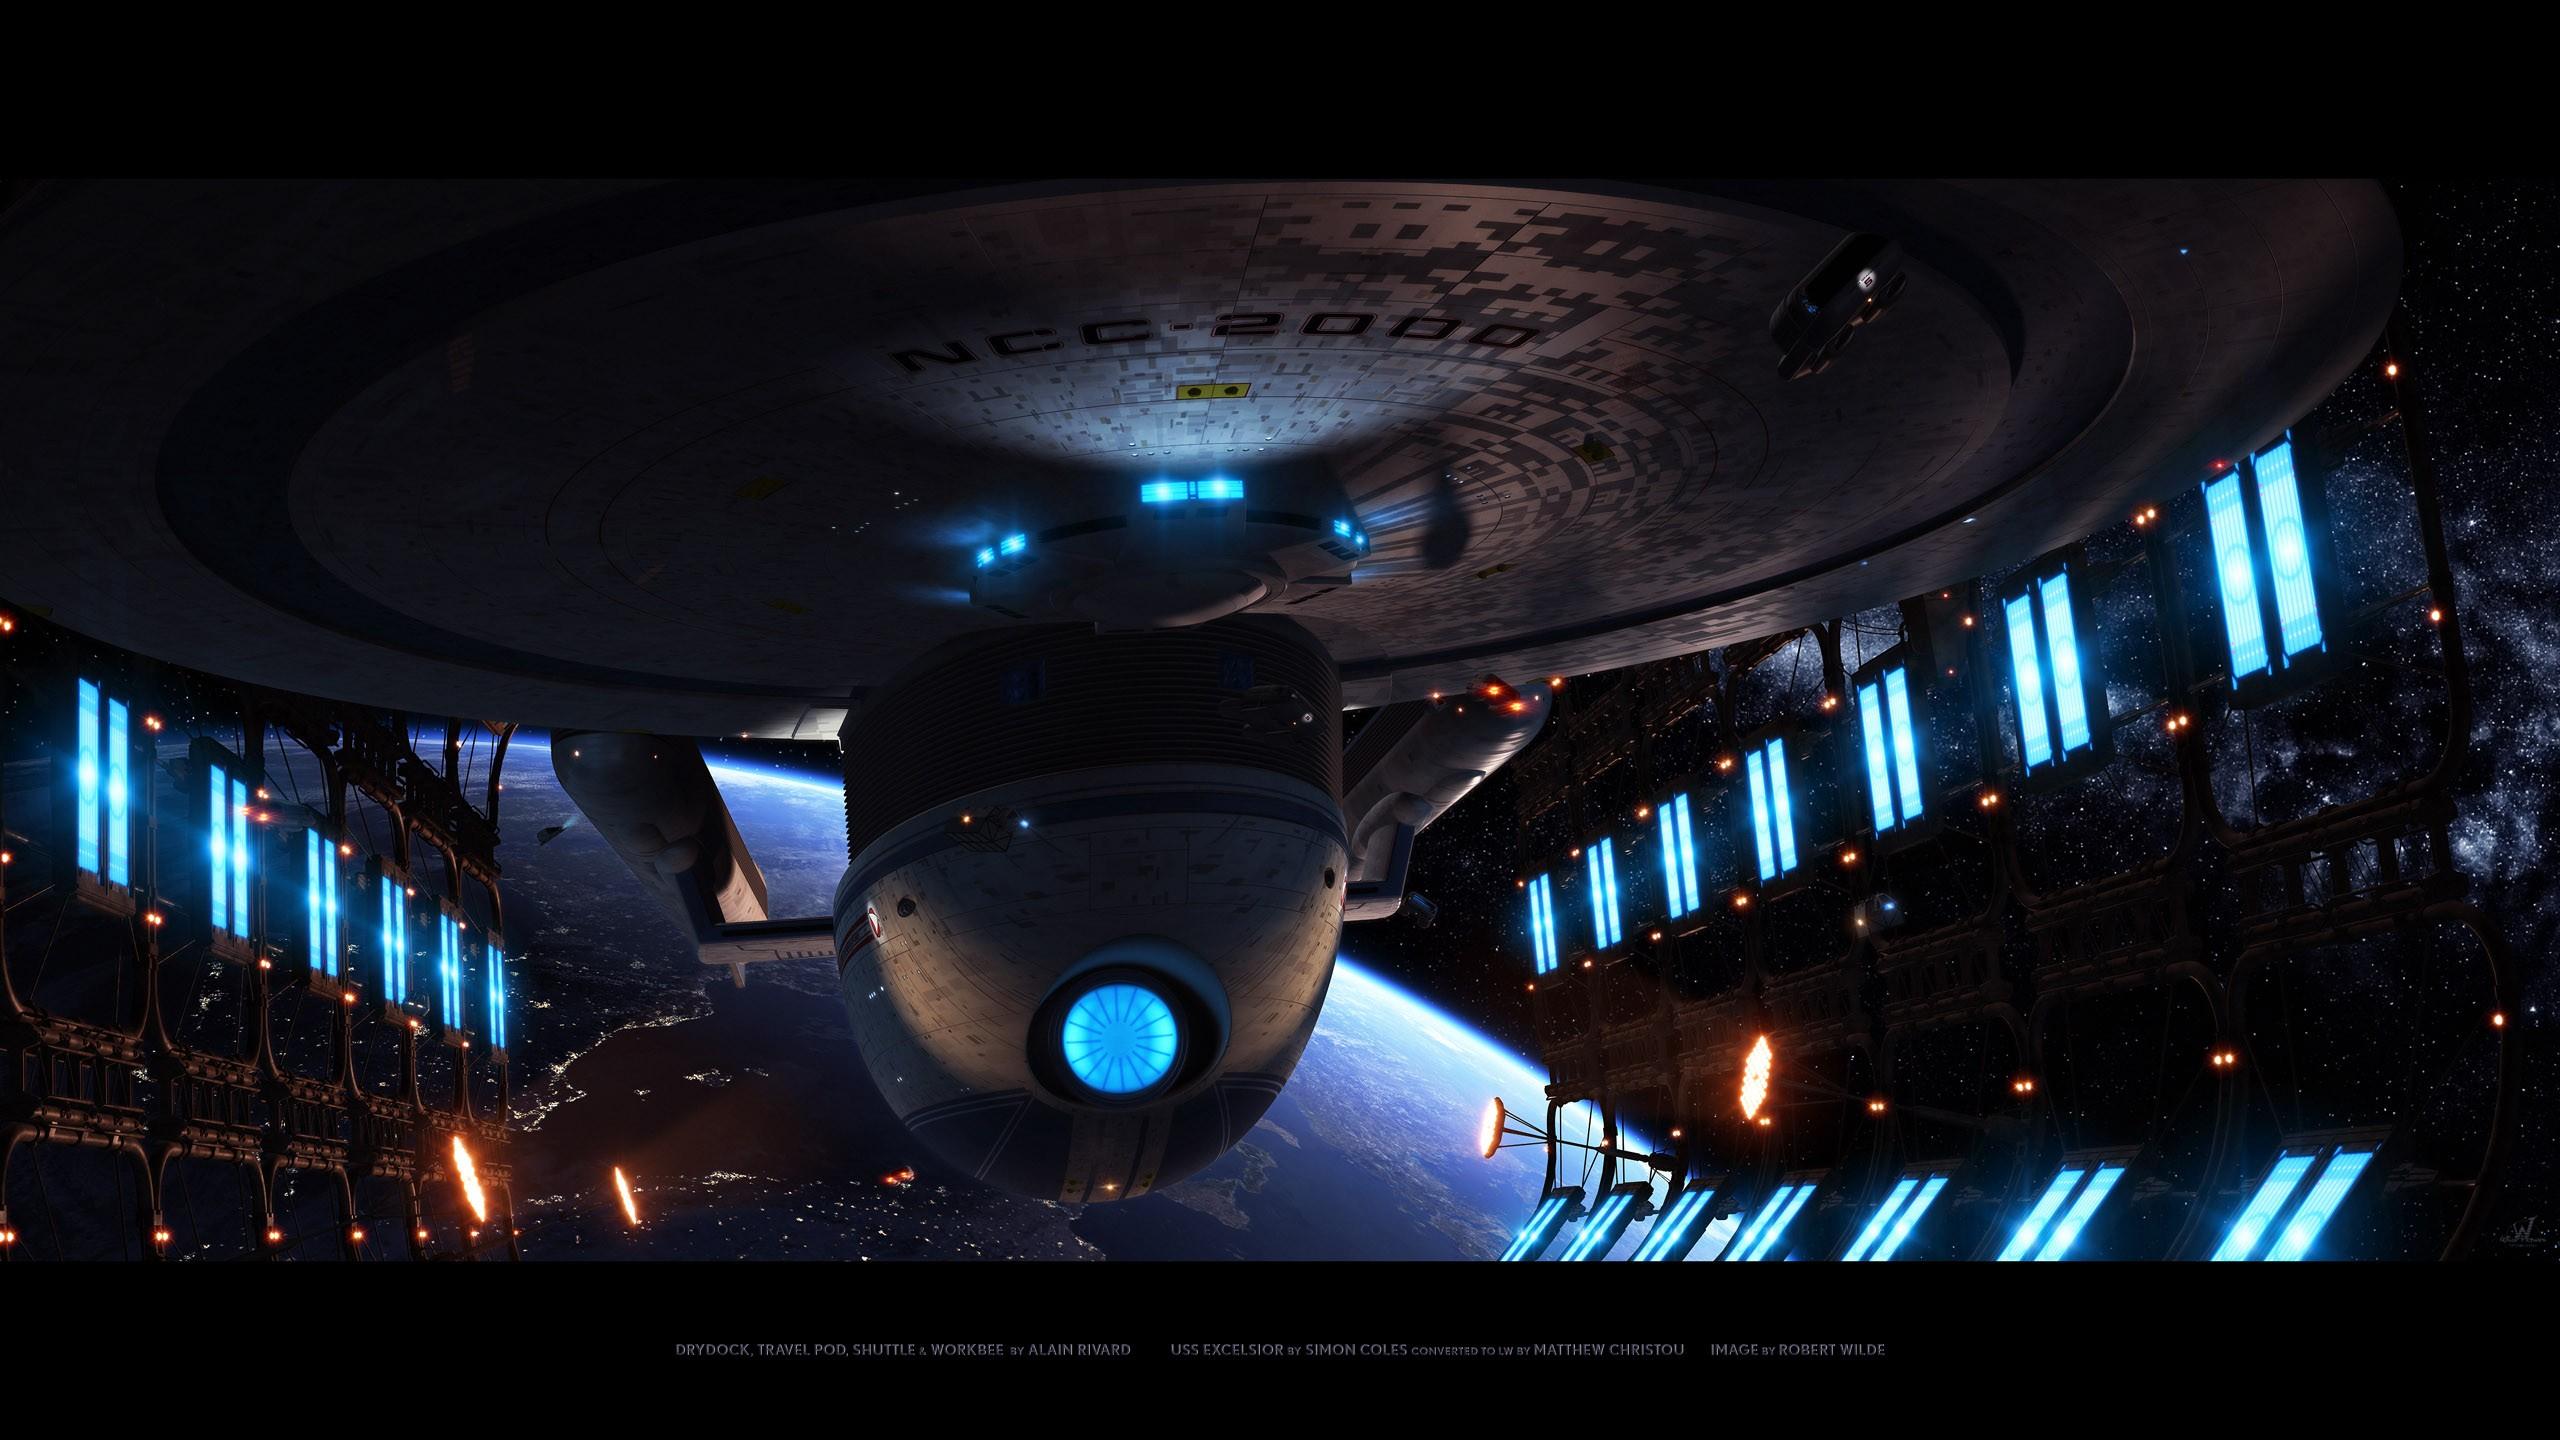 Star Trek Wallpaper 2560x1440 Enterprise Uss Excelsior